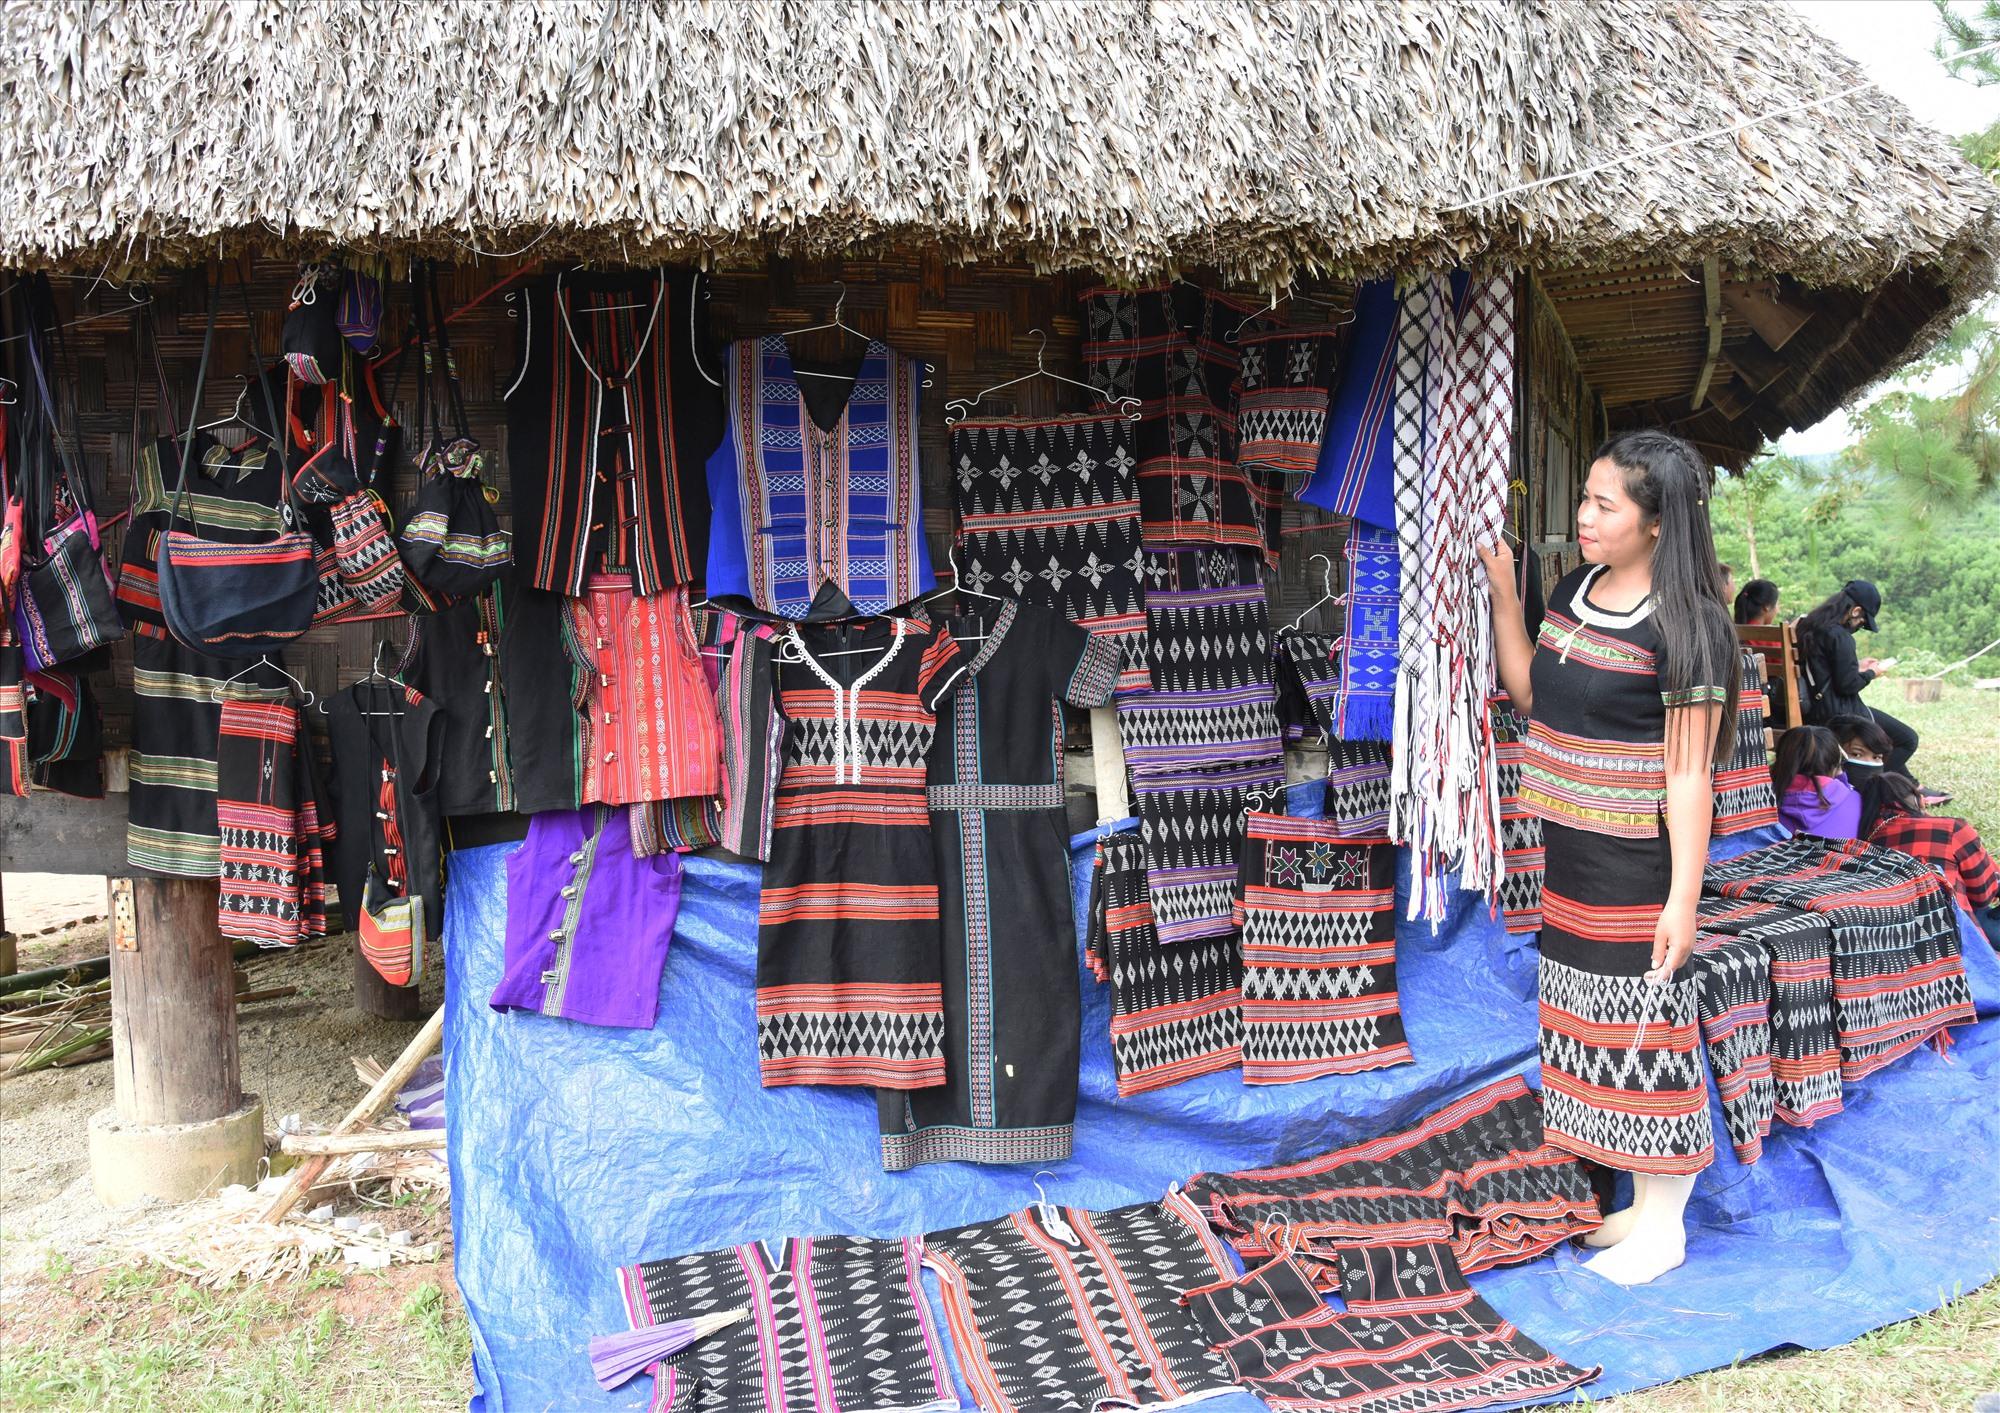 Vải thổ cẩm của dân tộc Tà Ôi, một sản phẩm được ưa thích của bà con vùng cao Tây Giang.Ảnh: TẤN VỊNH